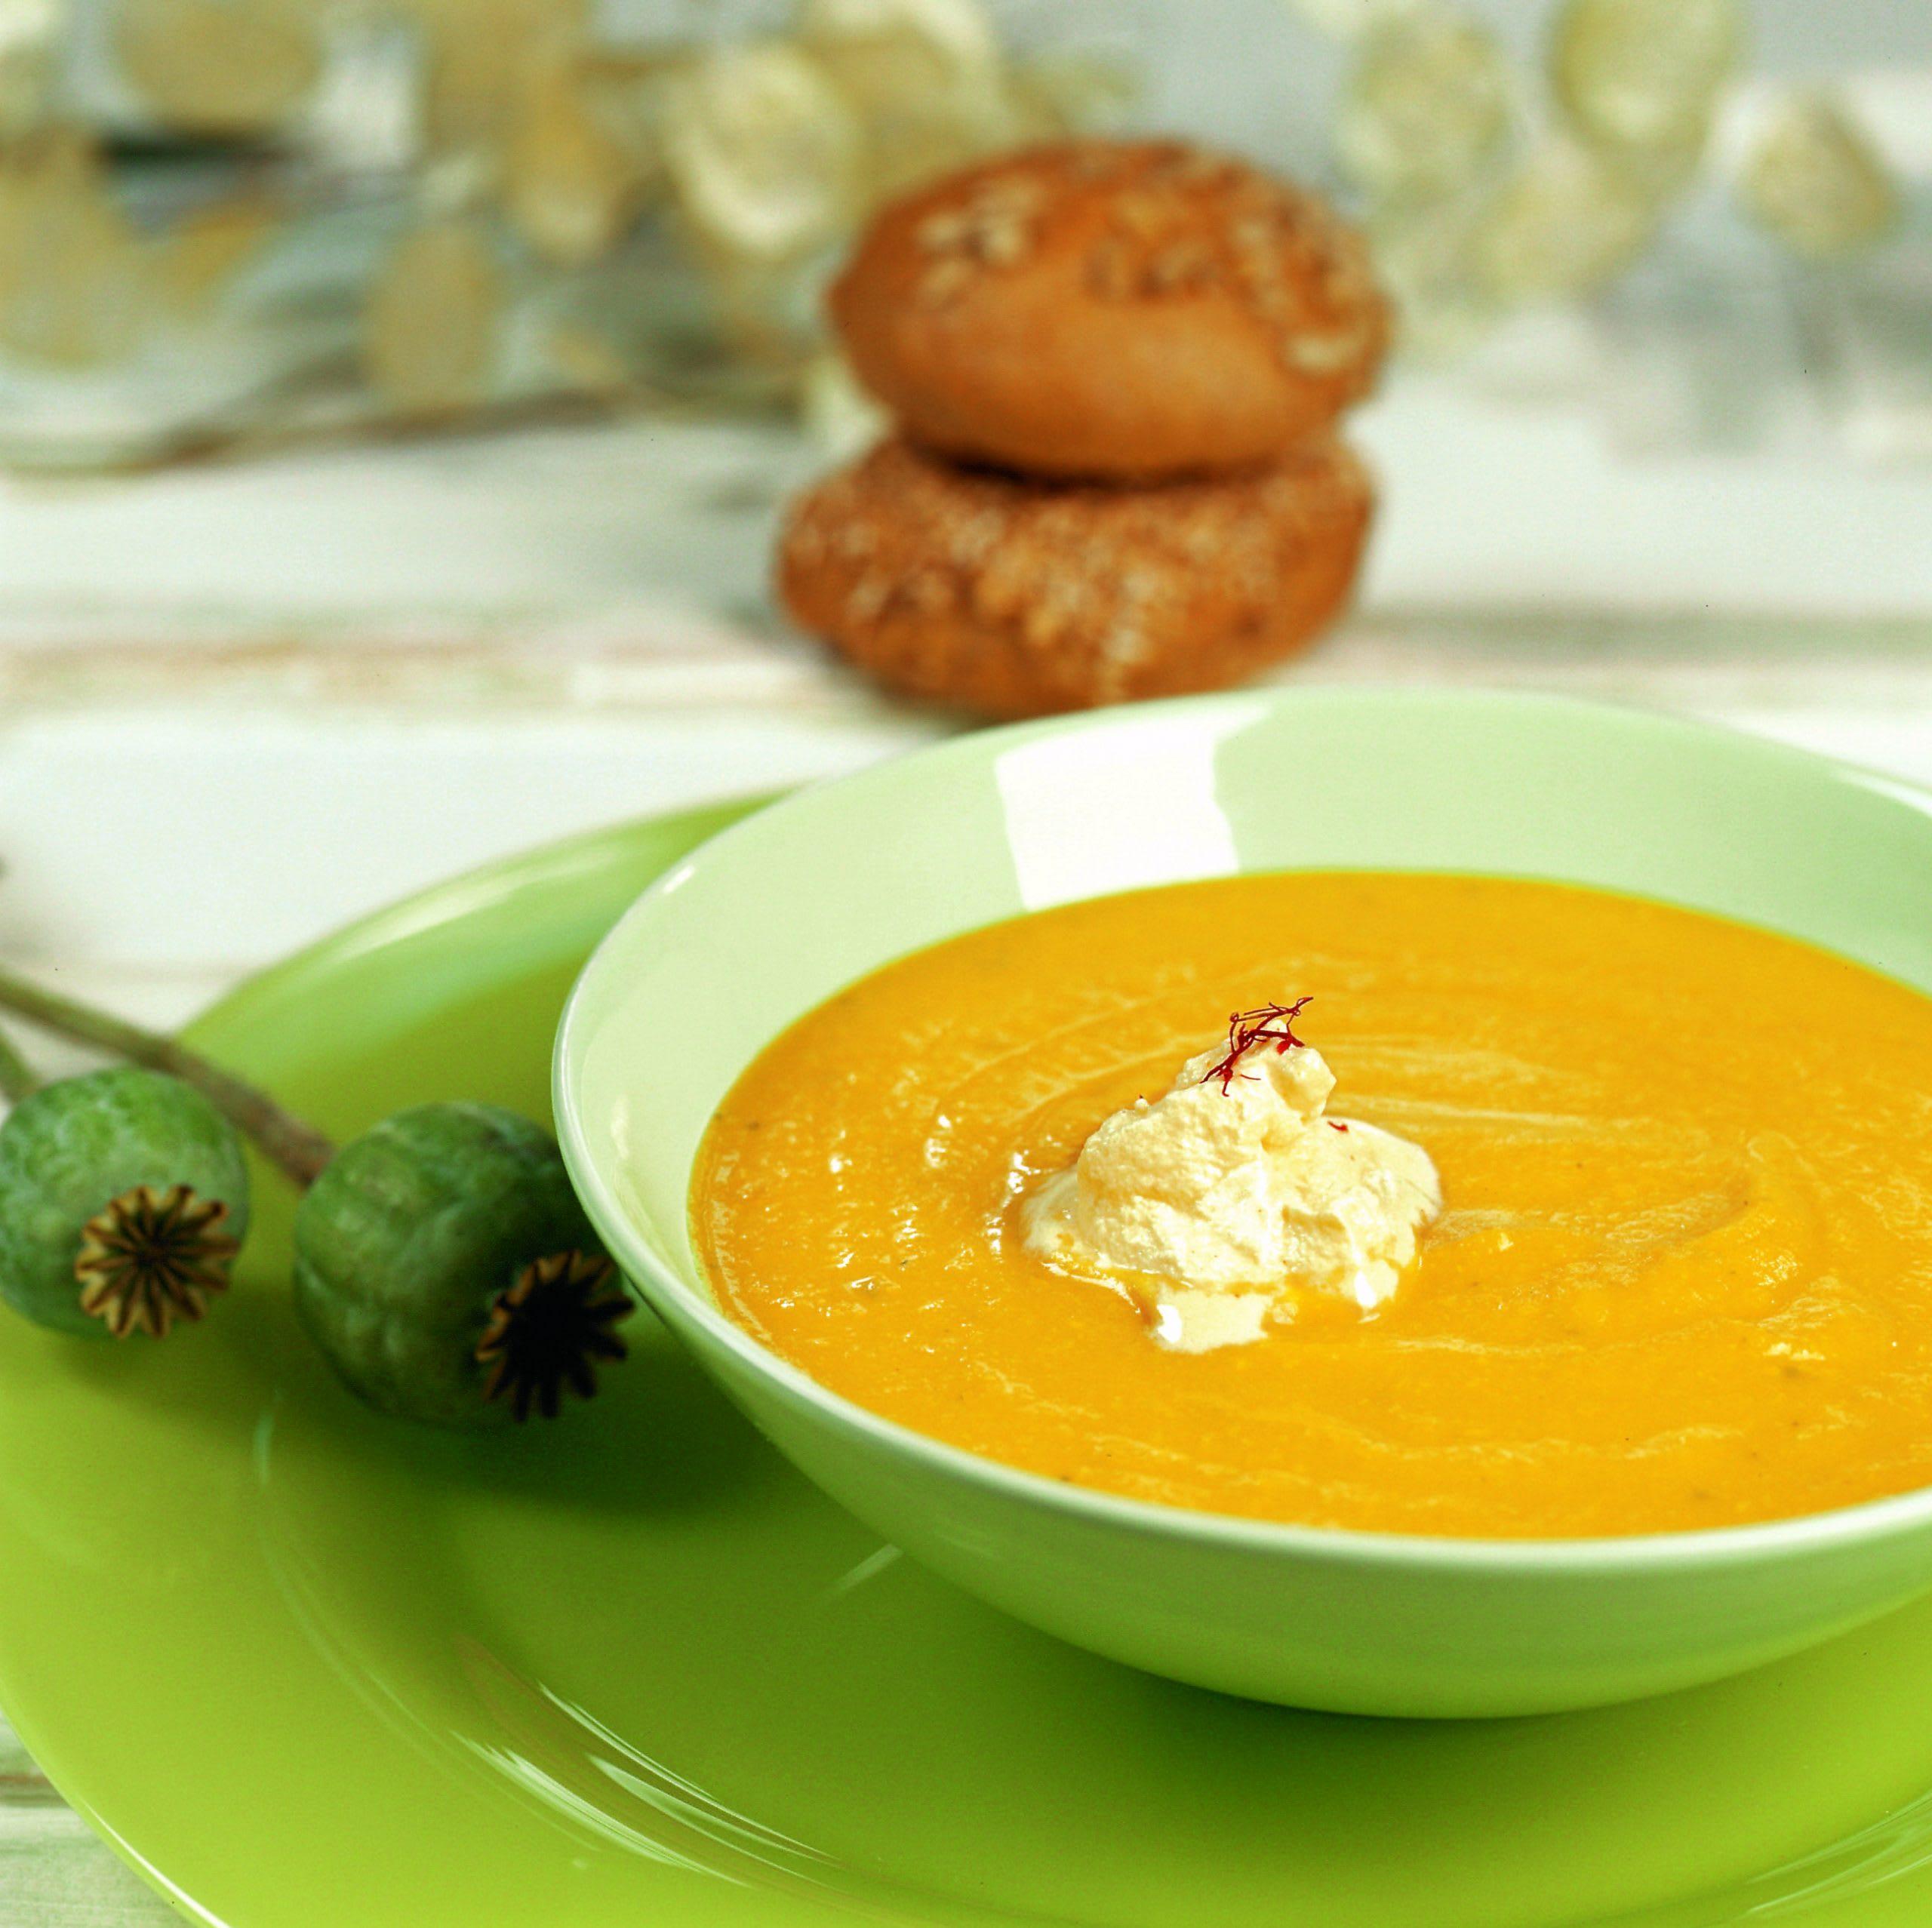 Kürbis-Suppe mit Safranhaube